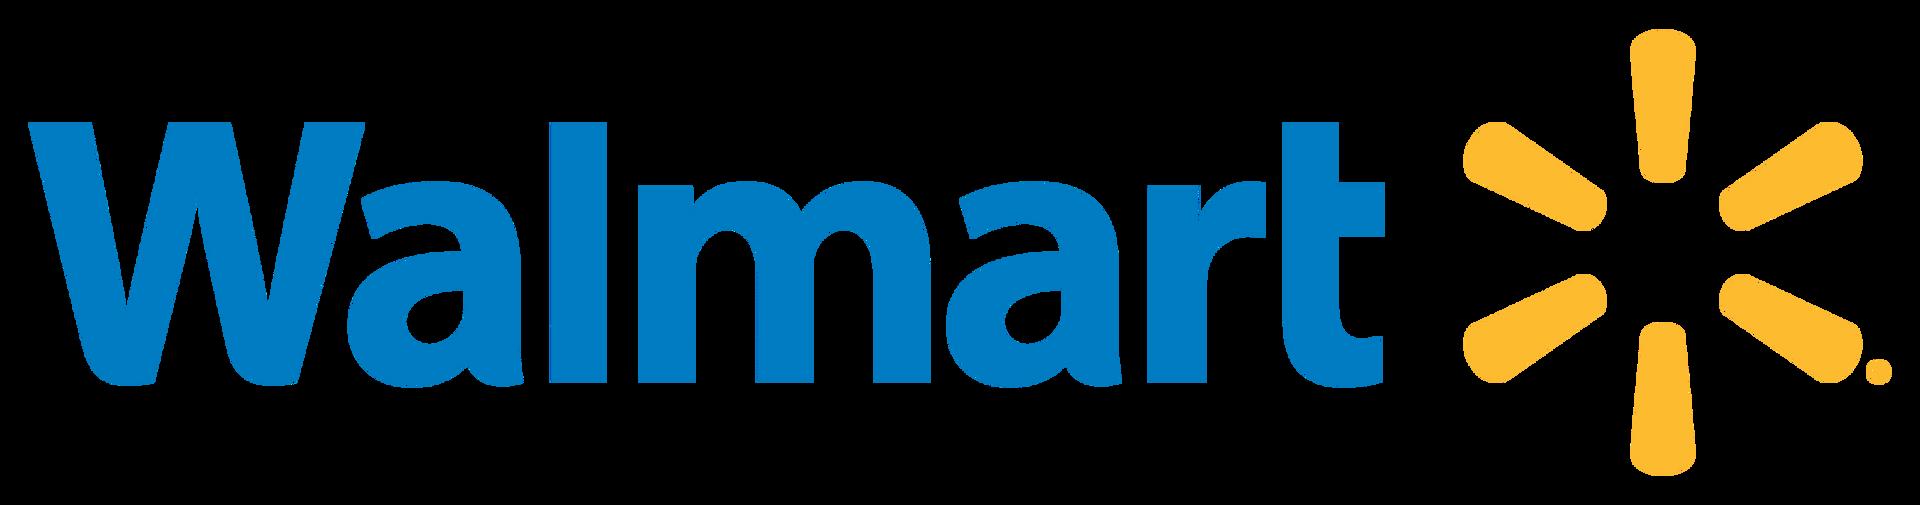 Buy Online - Walmart